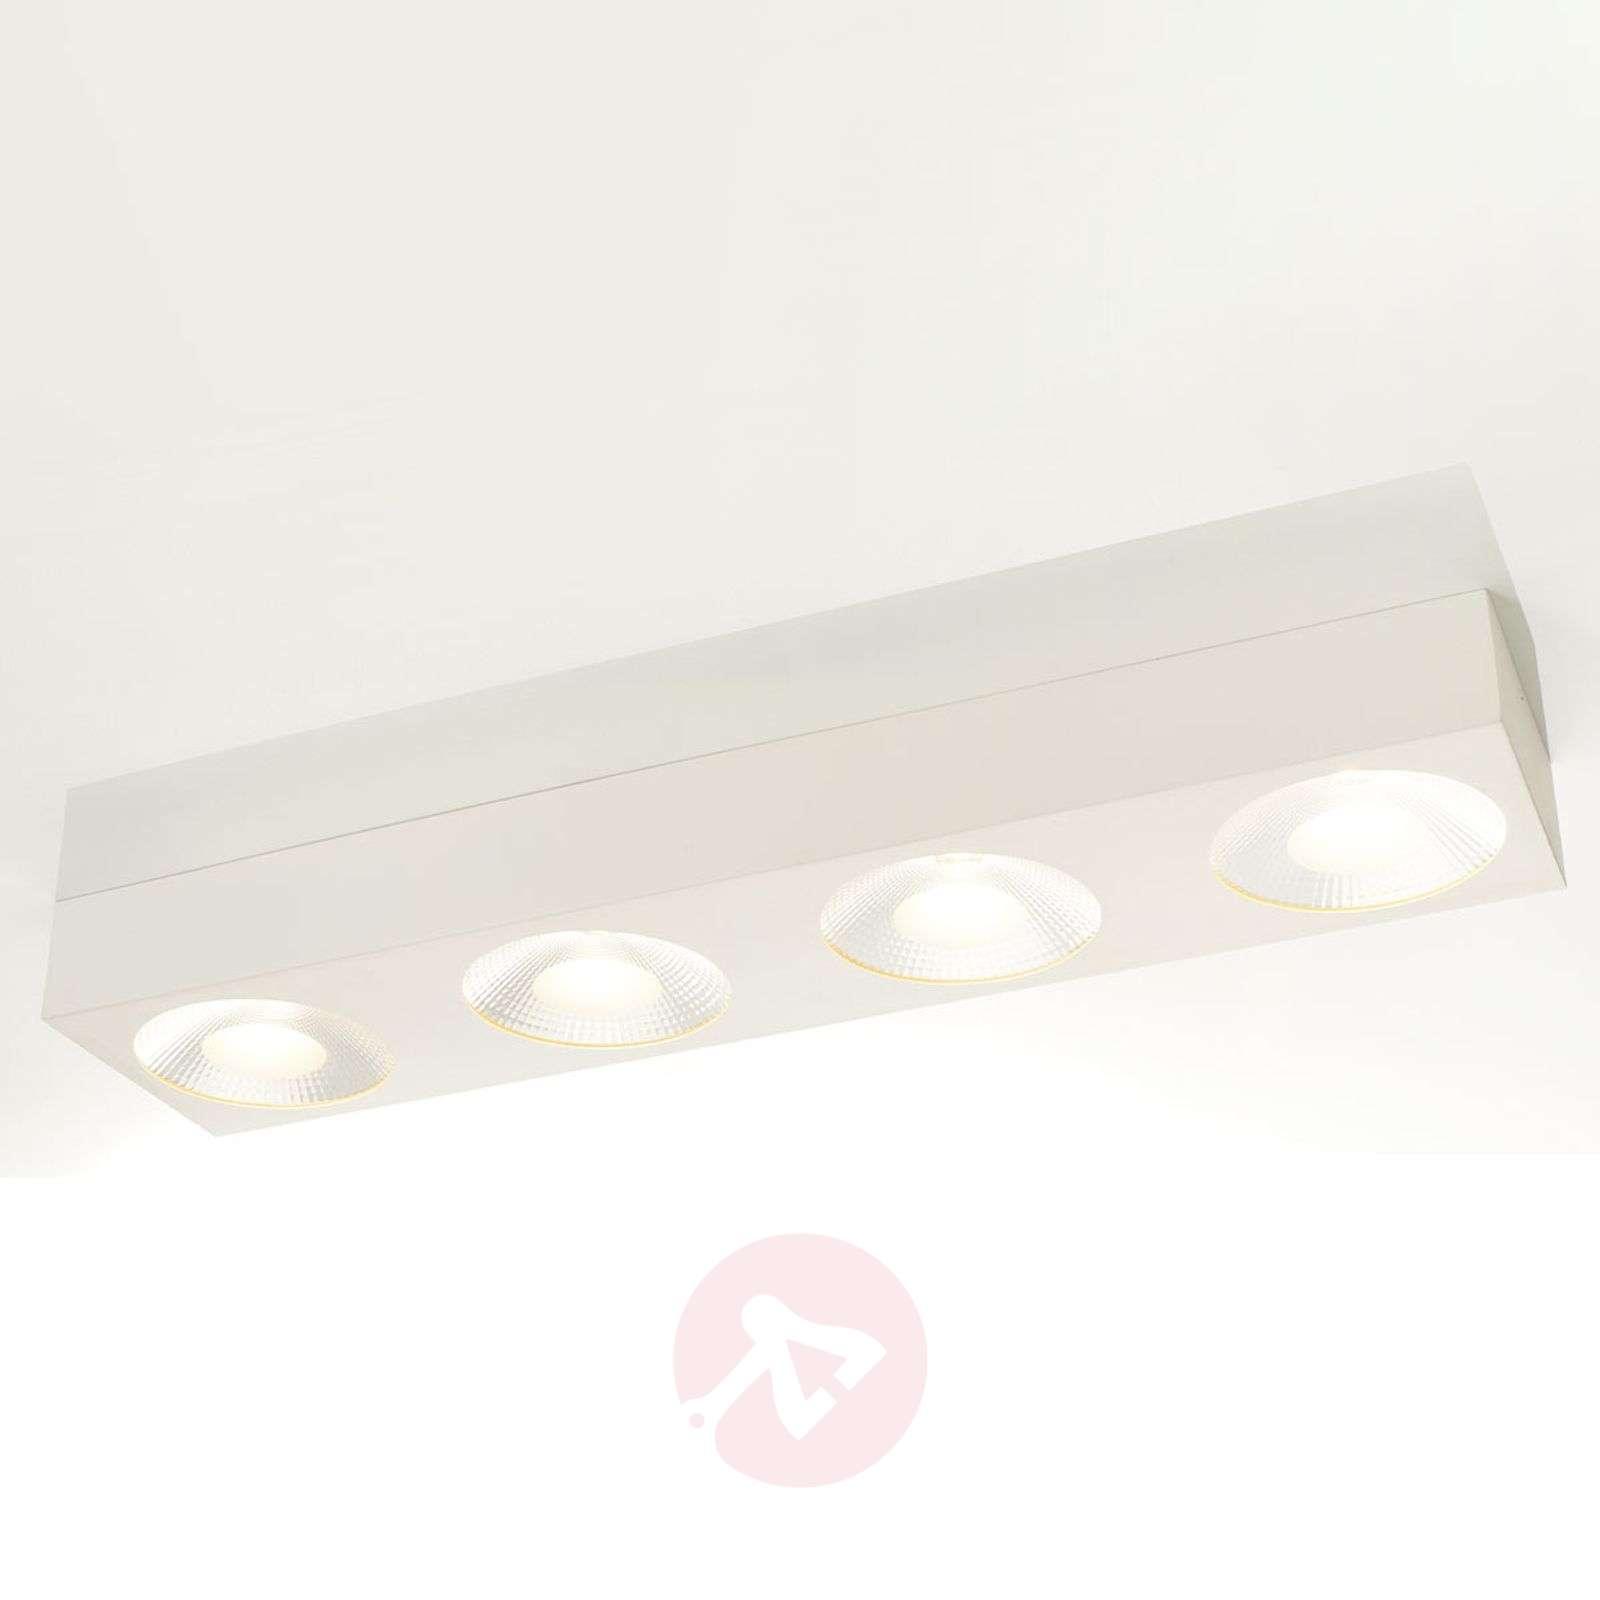 Keittiön LED-kattolamppu Sonja, easydim-1558149-02